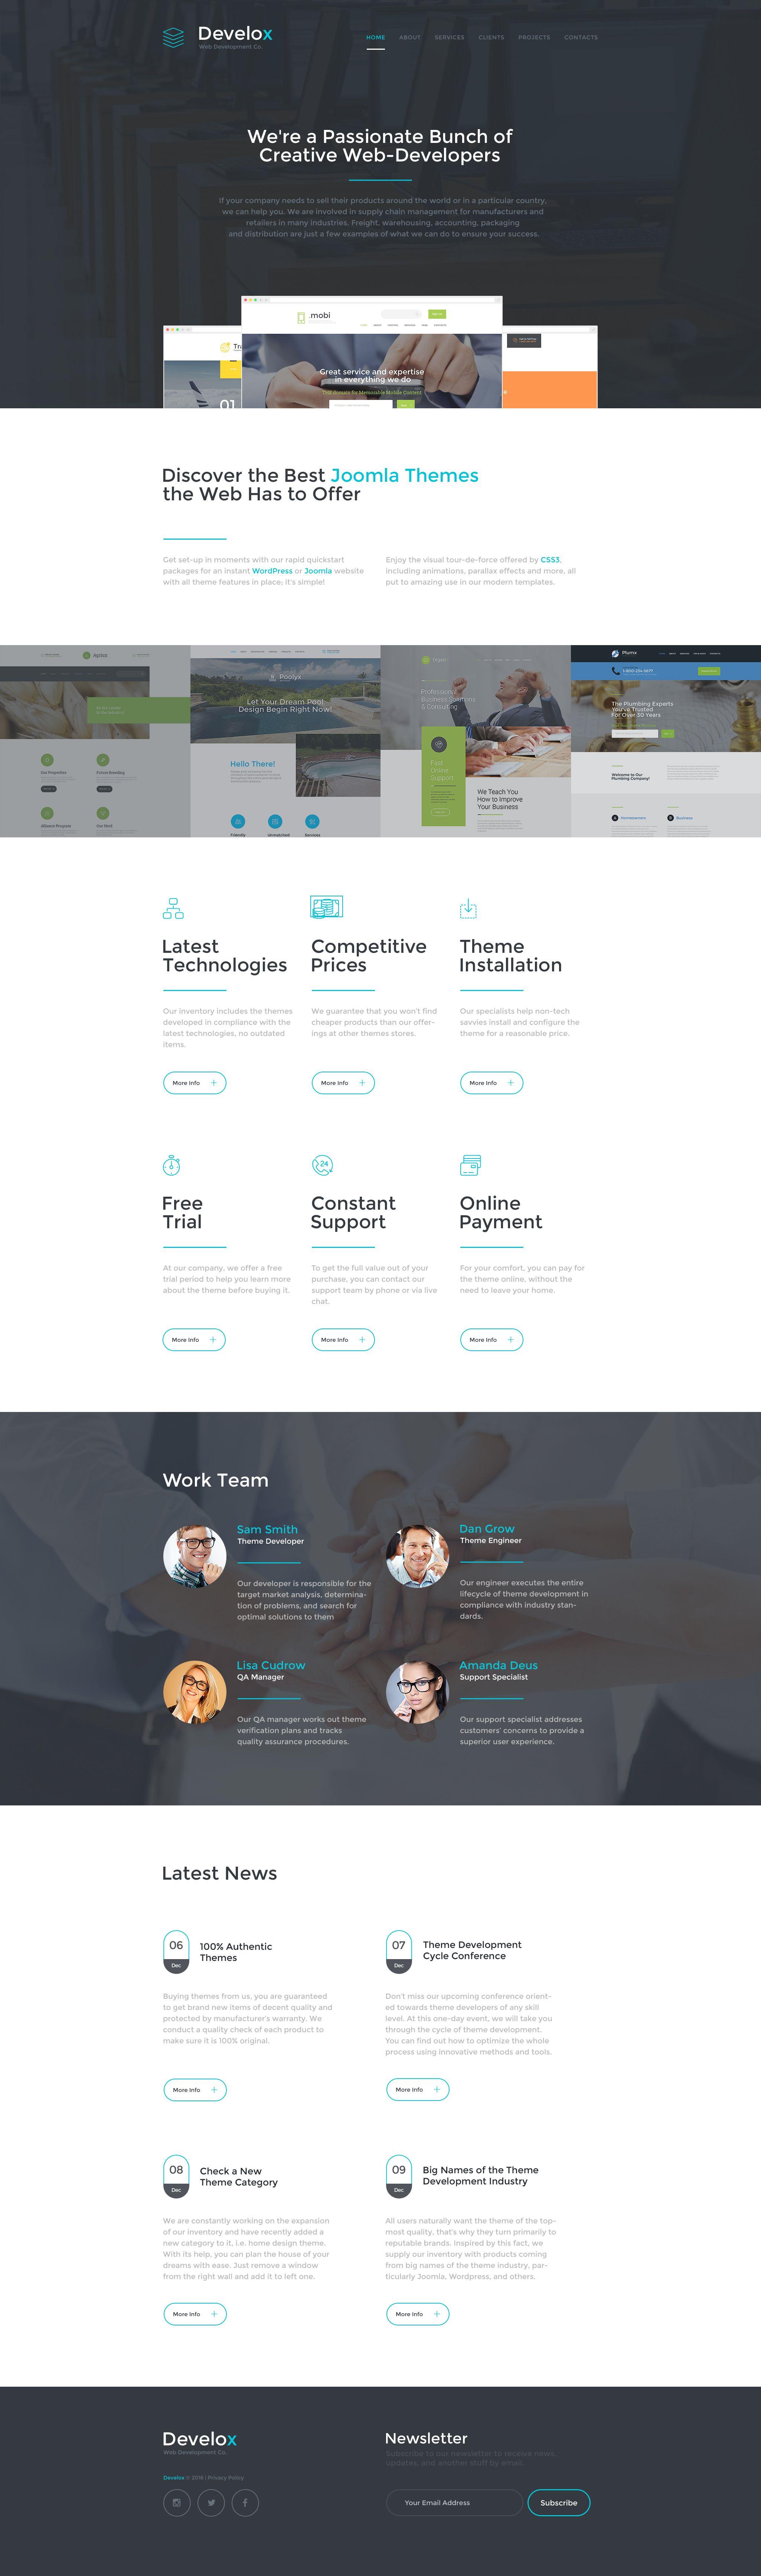 Web Design Company Website Template Web Design Company Web Design Website Template